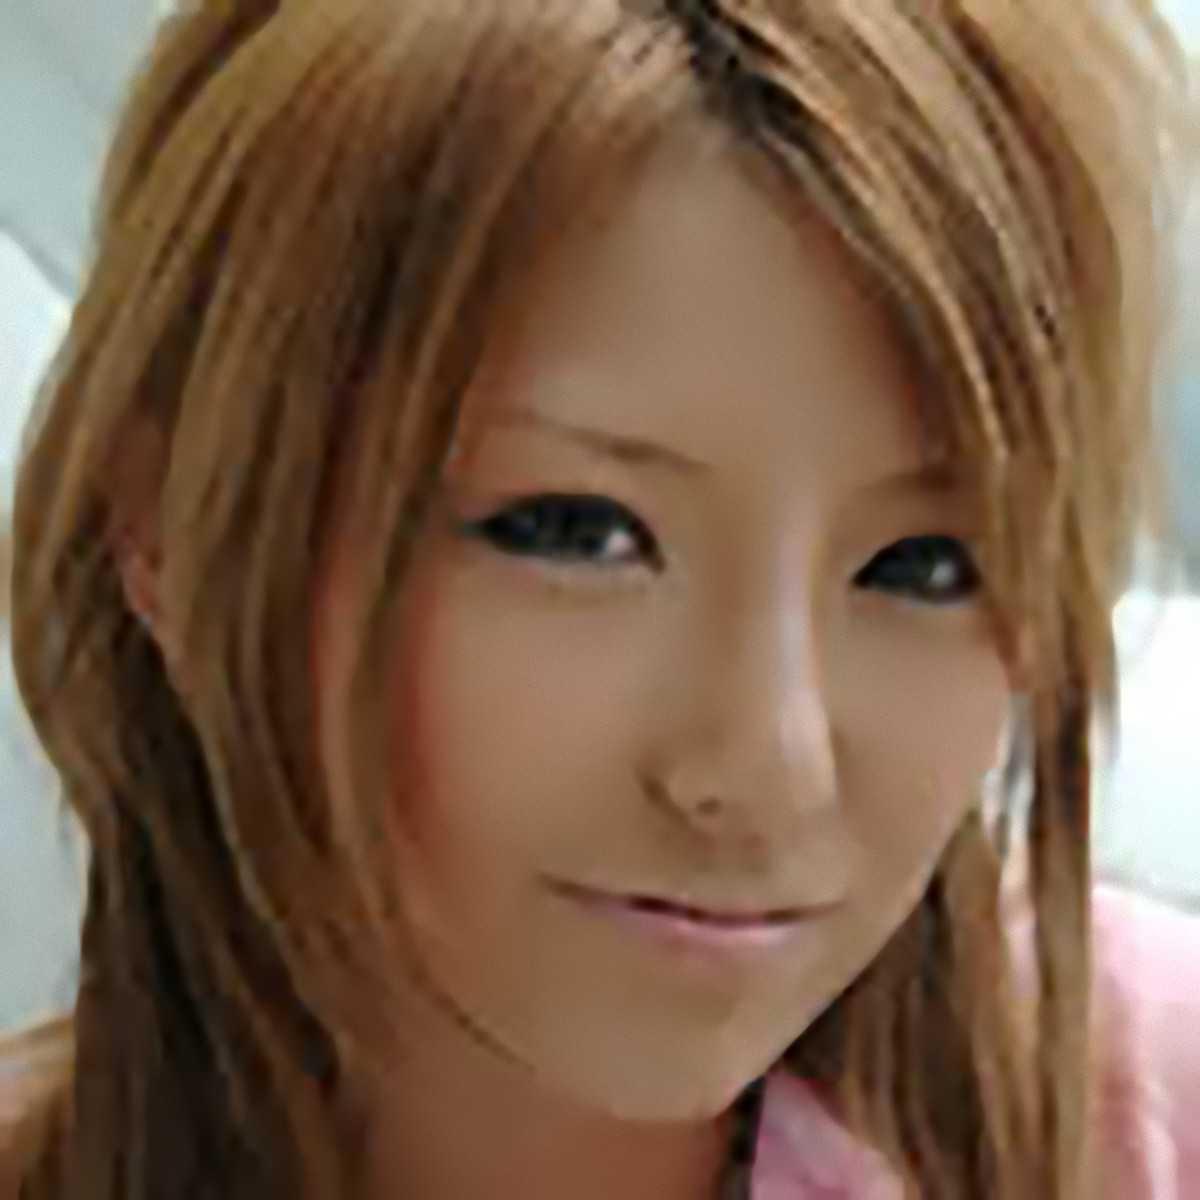 蒼乃かなさんのプロフィールと画像集   AV女優画像-ラブコアラ-